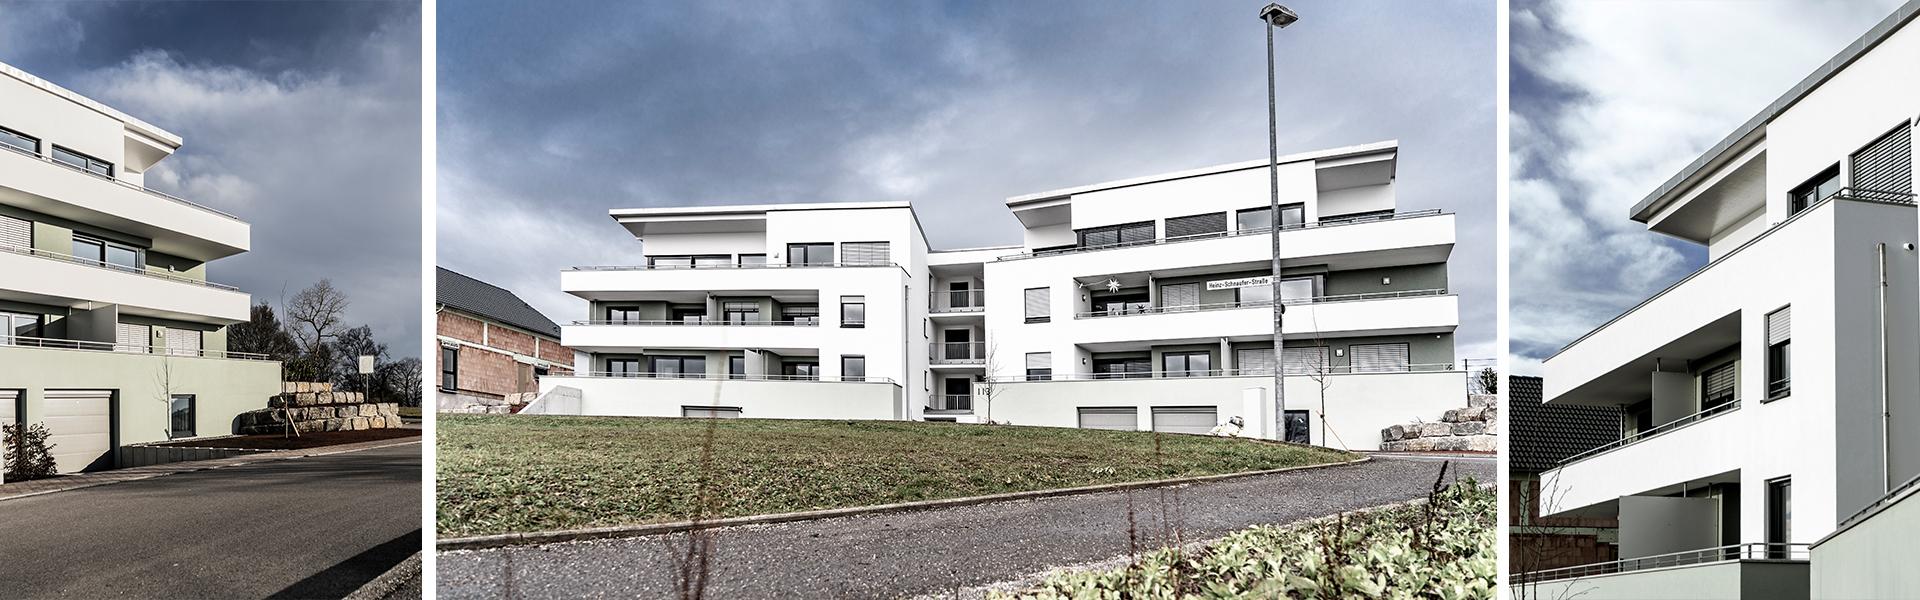 gb-architekten-slider-heinz-schnaufer-1-neu